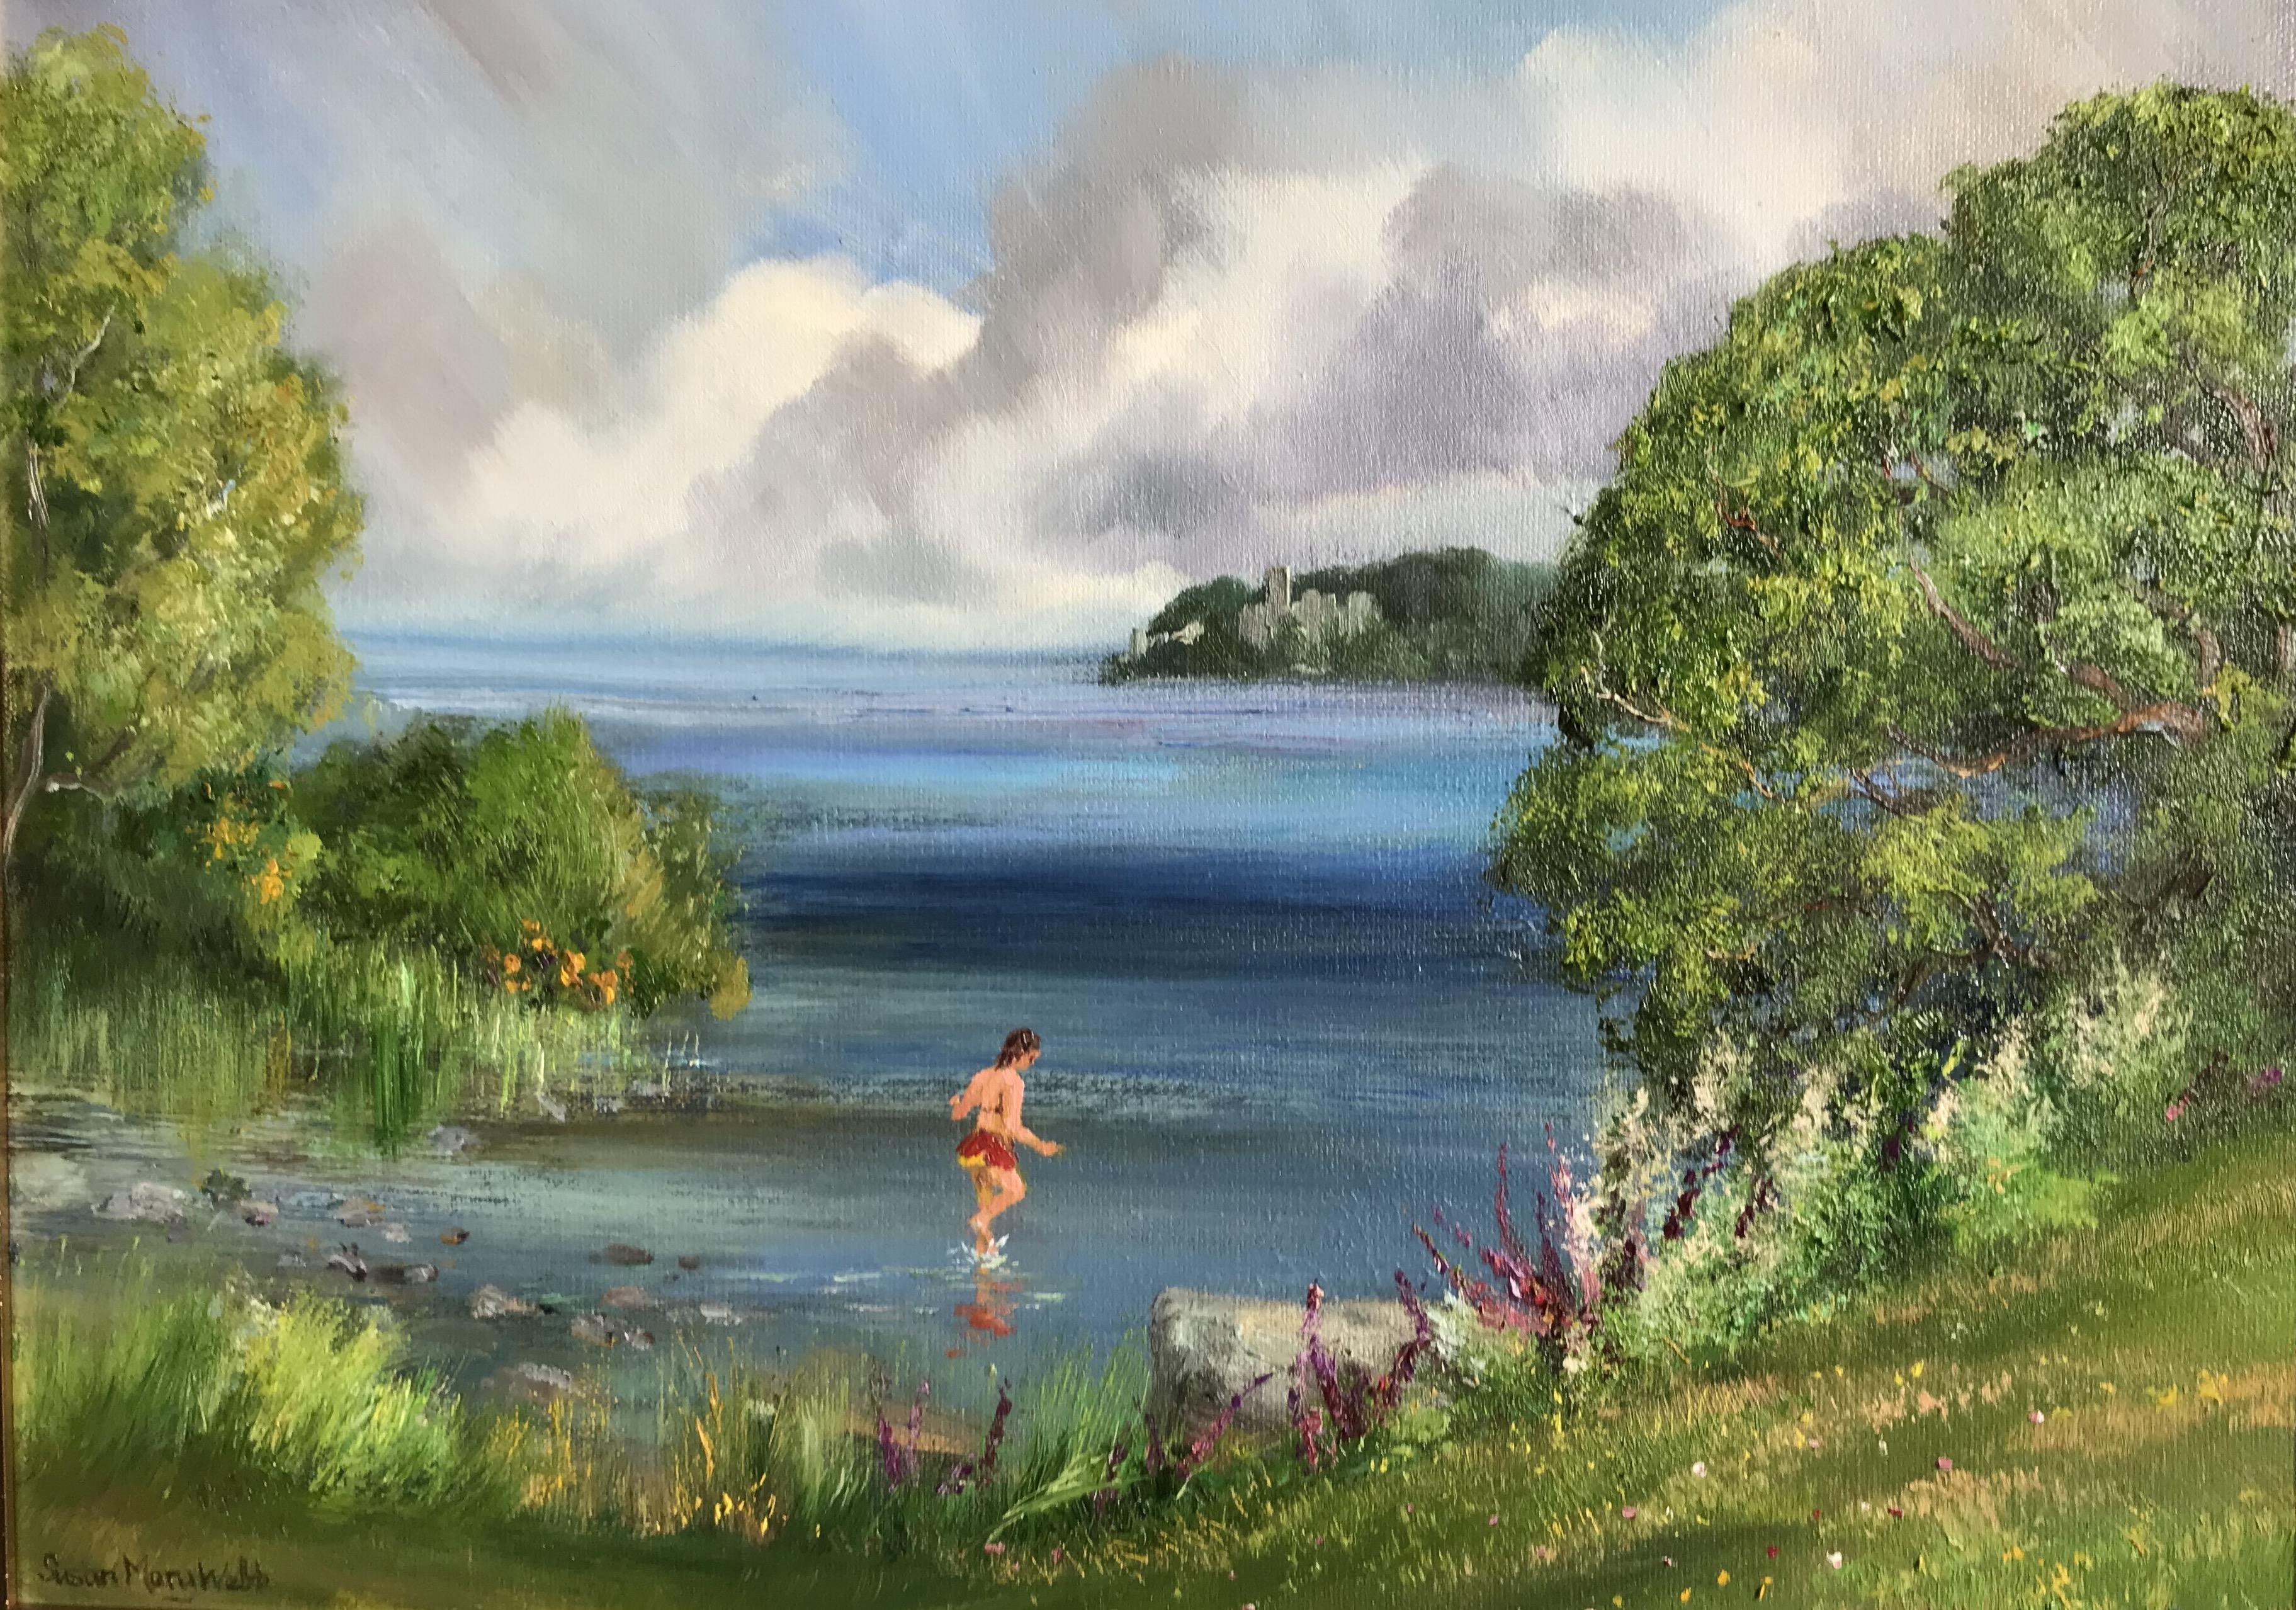 Taking a Dip, Lough Key